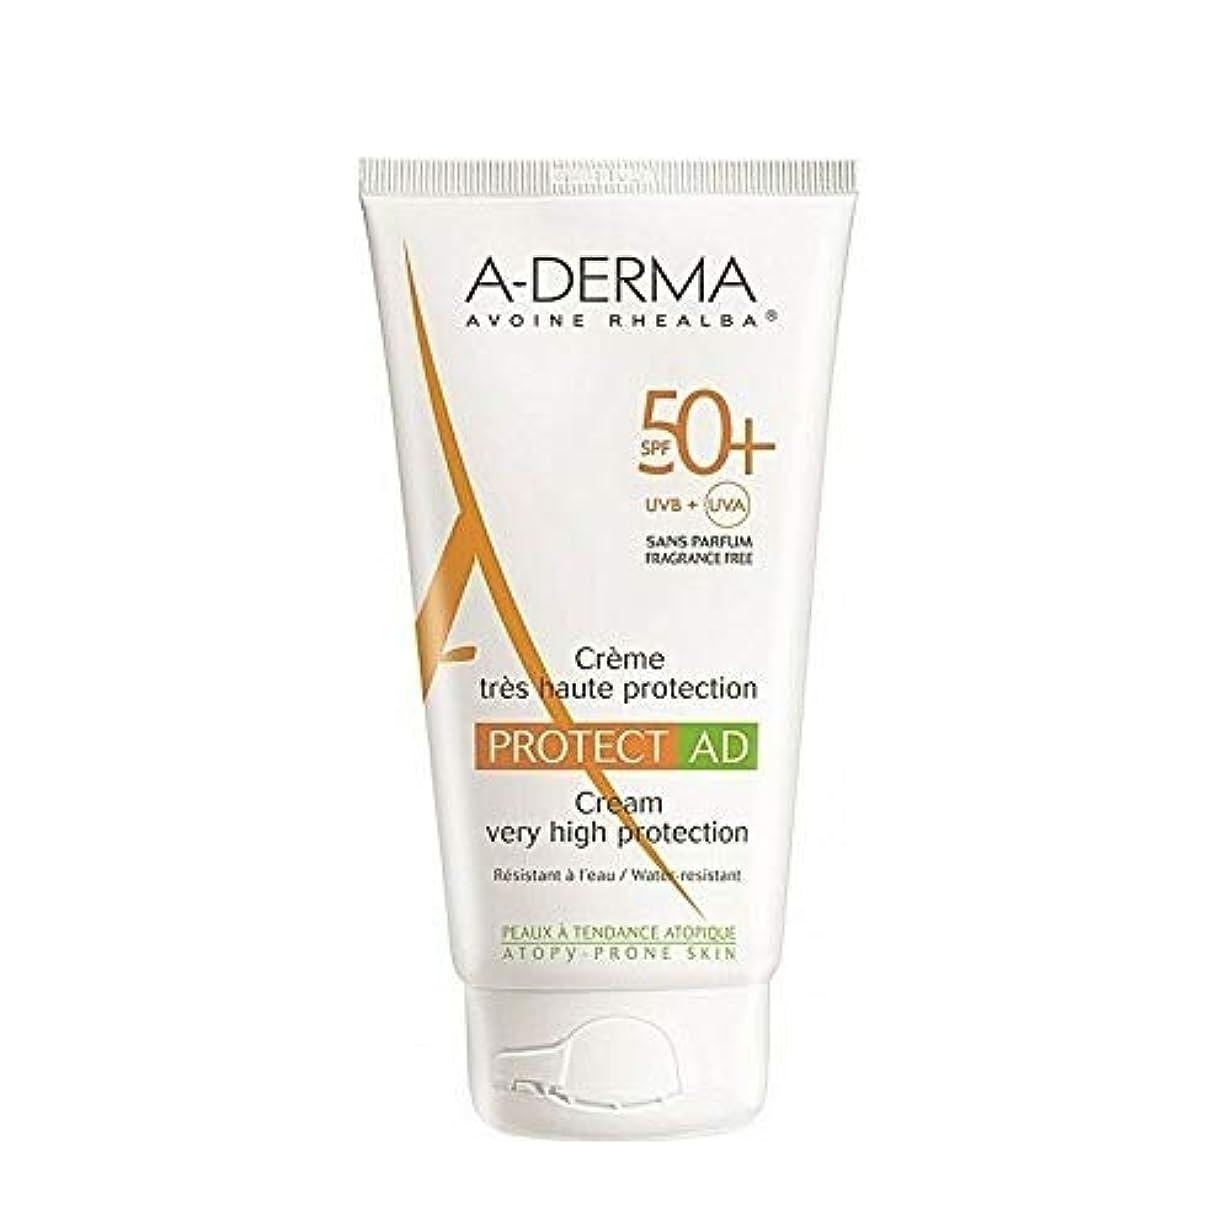 富豪ソフトウェアオーナーA-DERMA Protect AD sun cream サンクリーム (150ml) SPF50+/PA+++ フランス日焼け止め